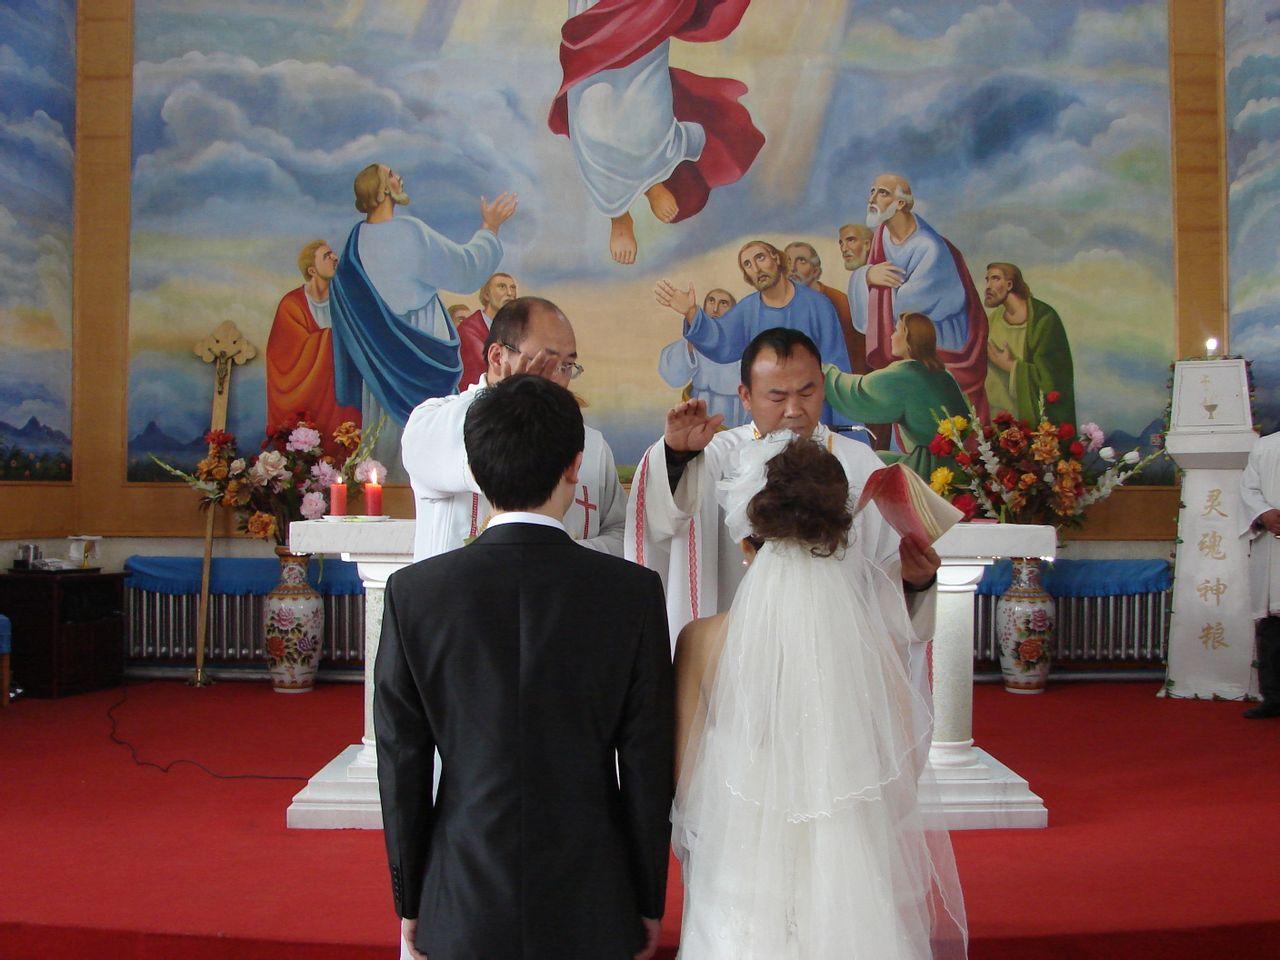 葬礼着装_天主教婚礼、葬礼神父的着装以及所用的道具_百度知道